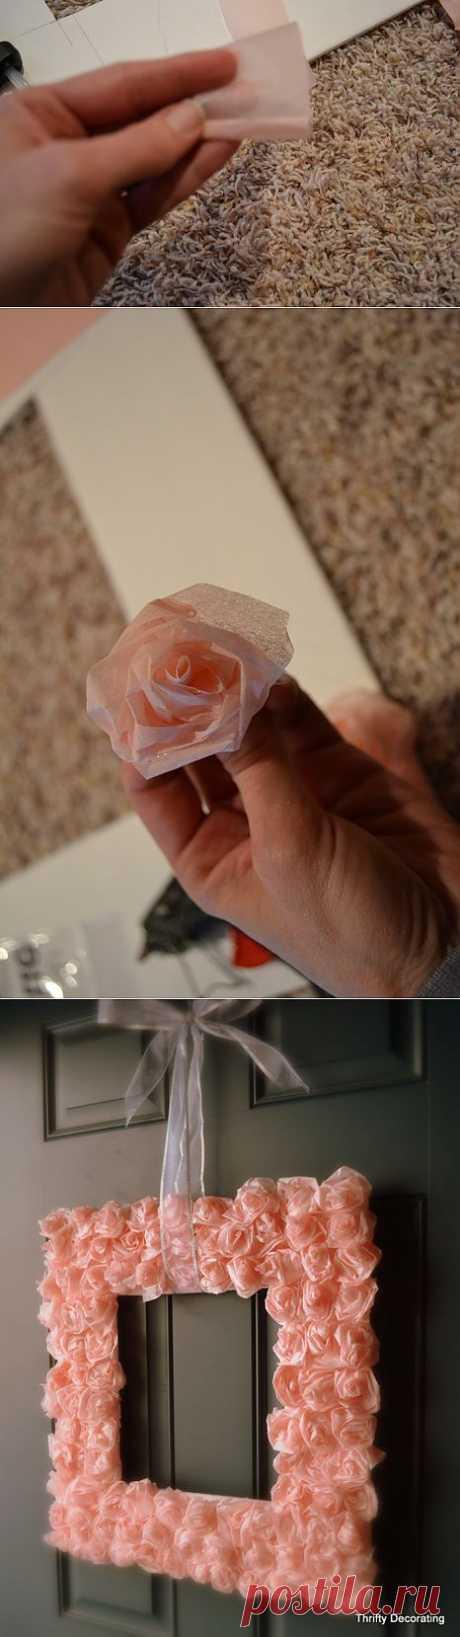 Мастер-класс. Очень нежные работы с розами из папиросной бумаги. | Хвастуны и хвастушки